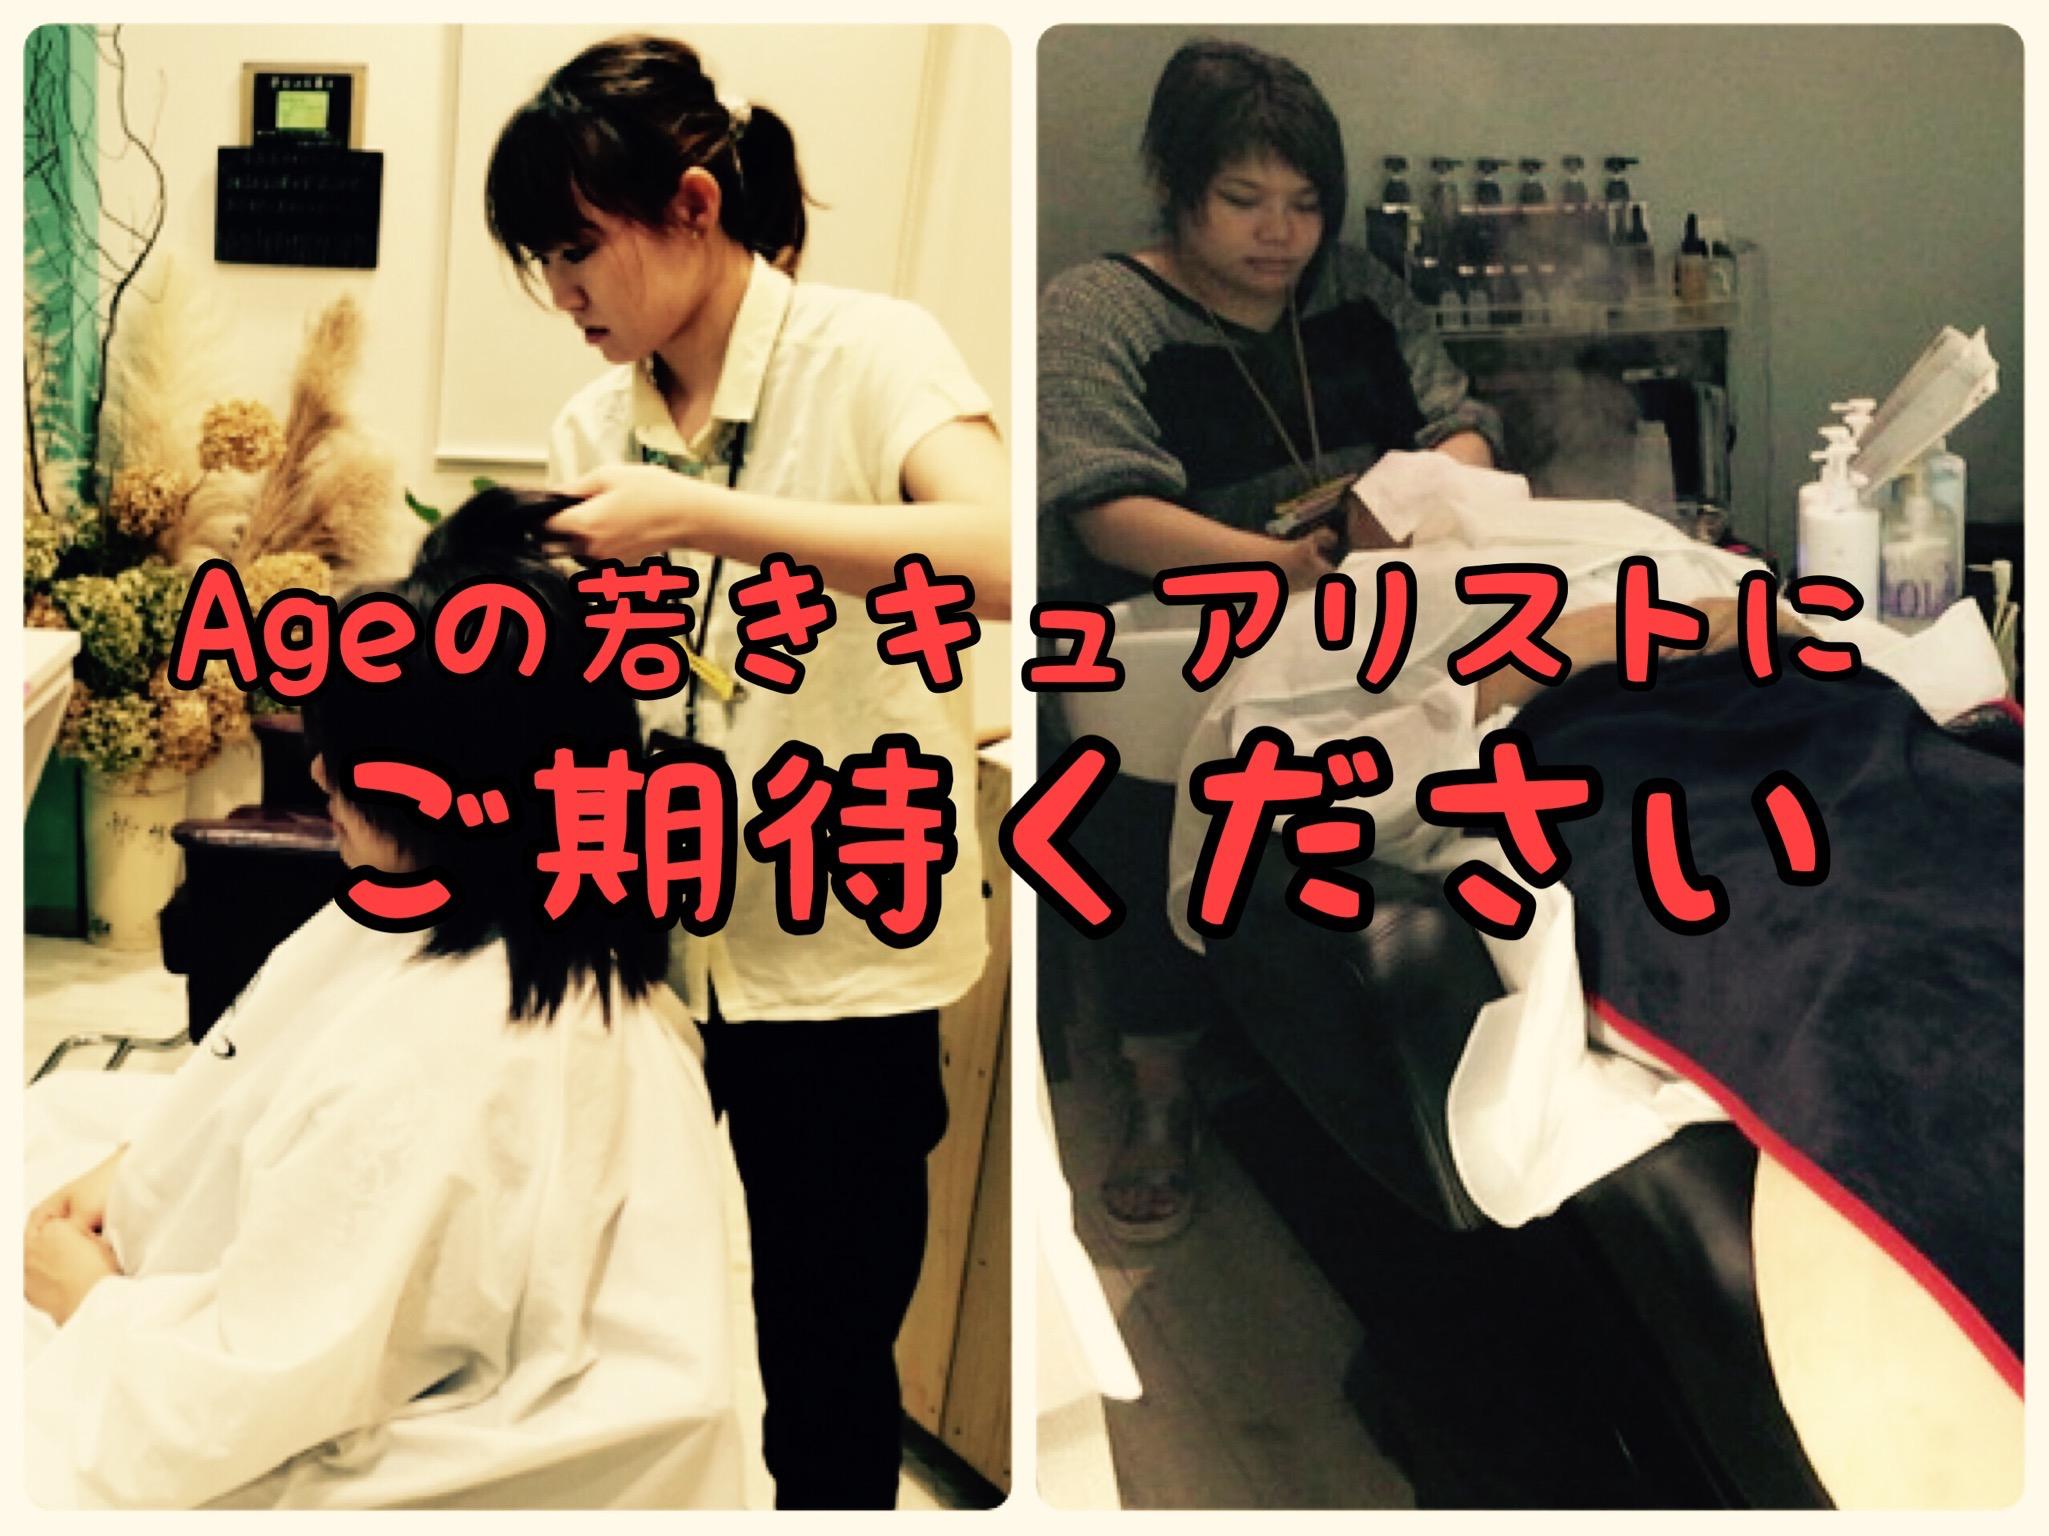 【猛練習中】若き2人の当店のエースが日本最高峰の頭皮ケア技術を習得中です